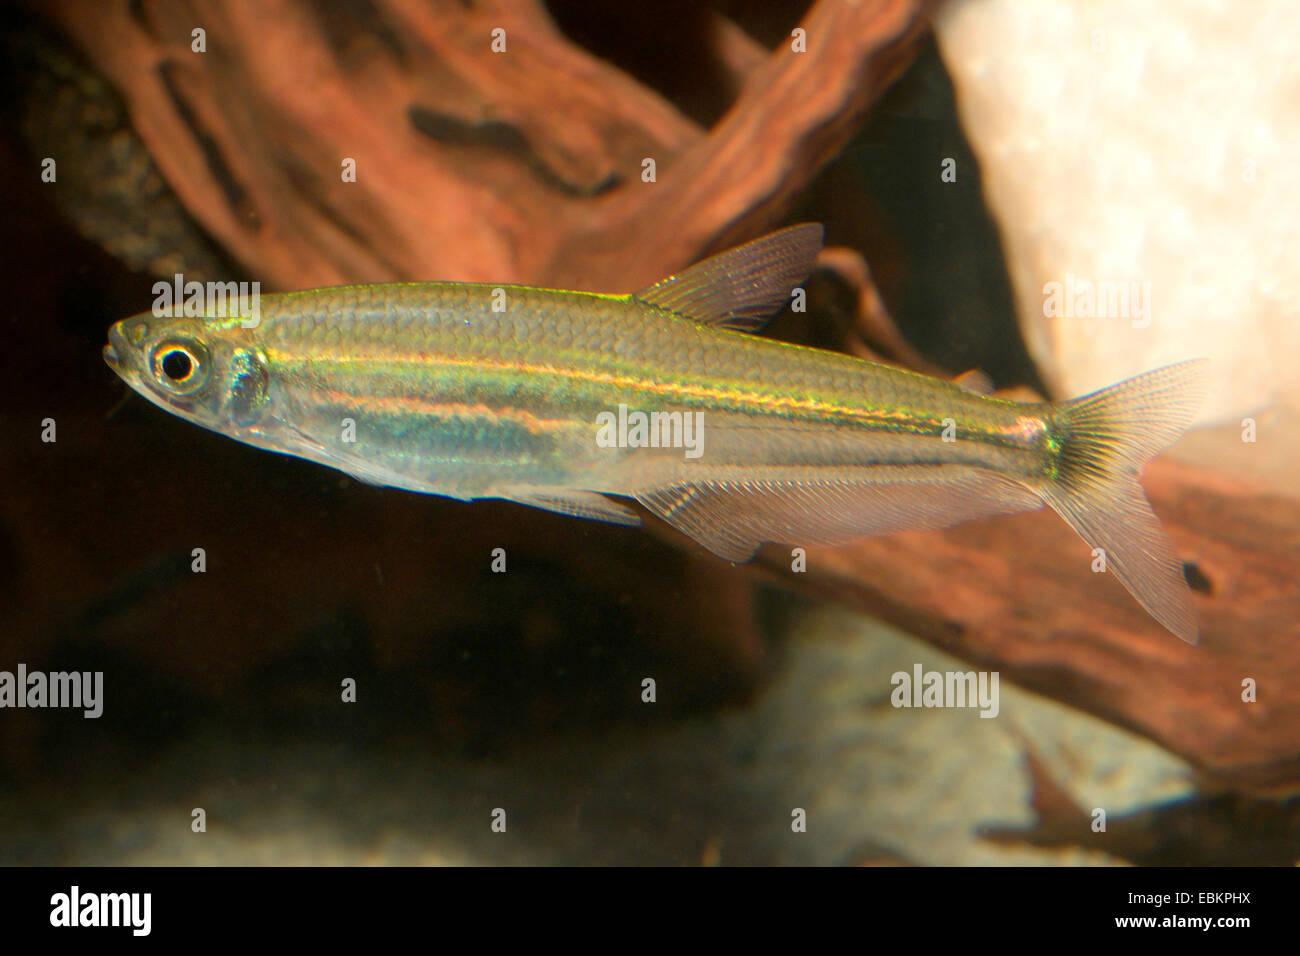 Snello tetra (Iguanodectes spilurus), a piena lunghezza ritratto Immagini Stock